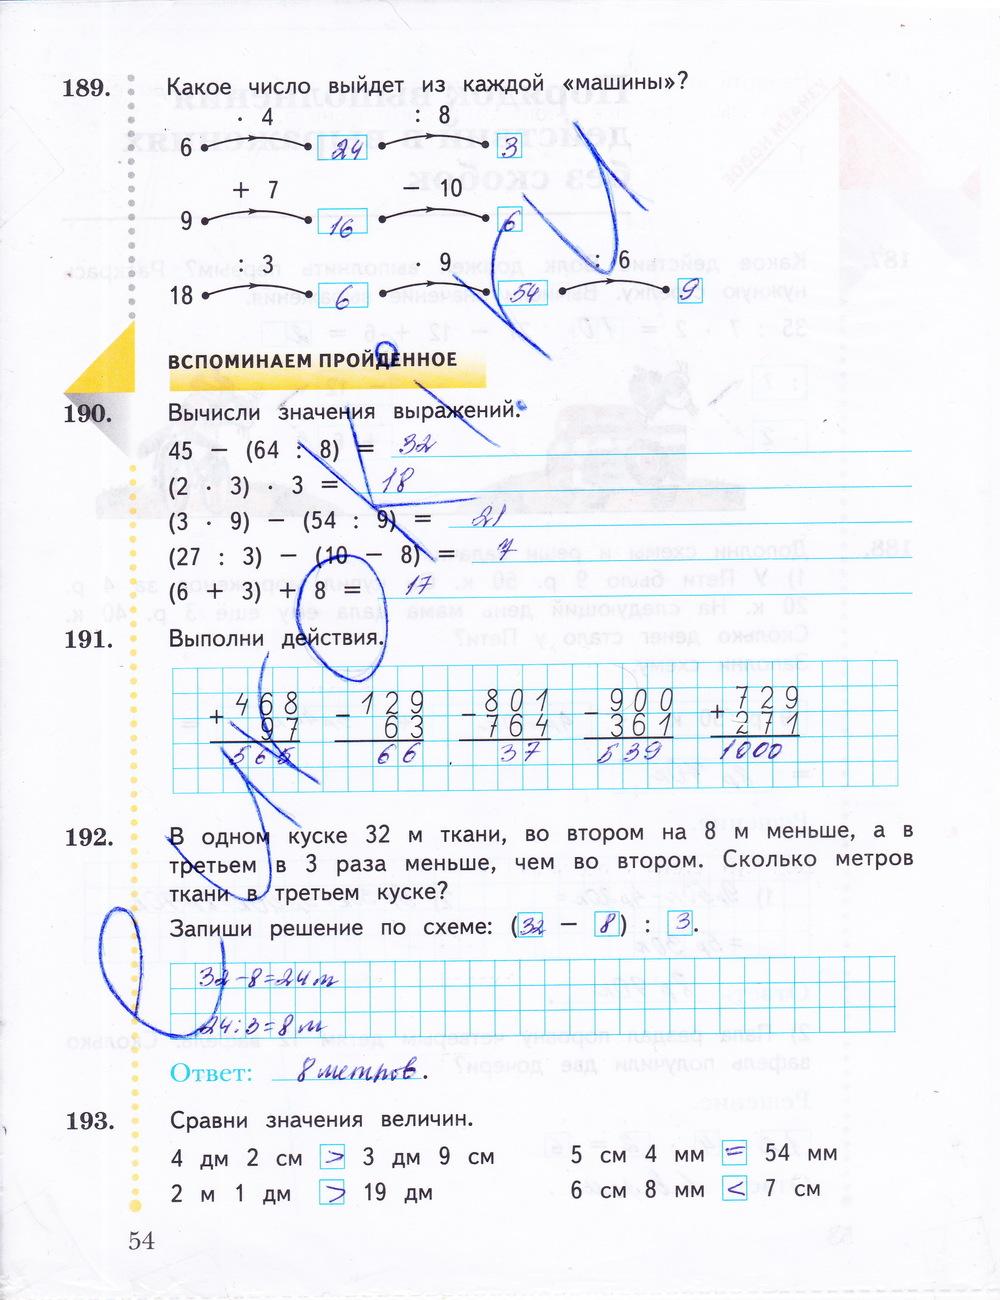 Вентана класс 3 по часть тетрадь математике граф гдз 1